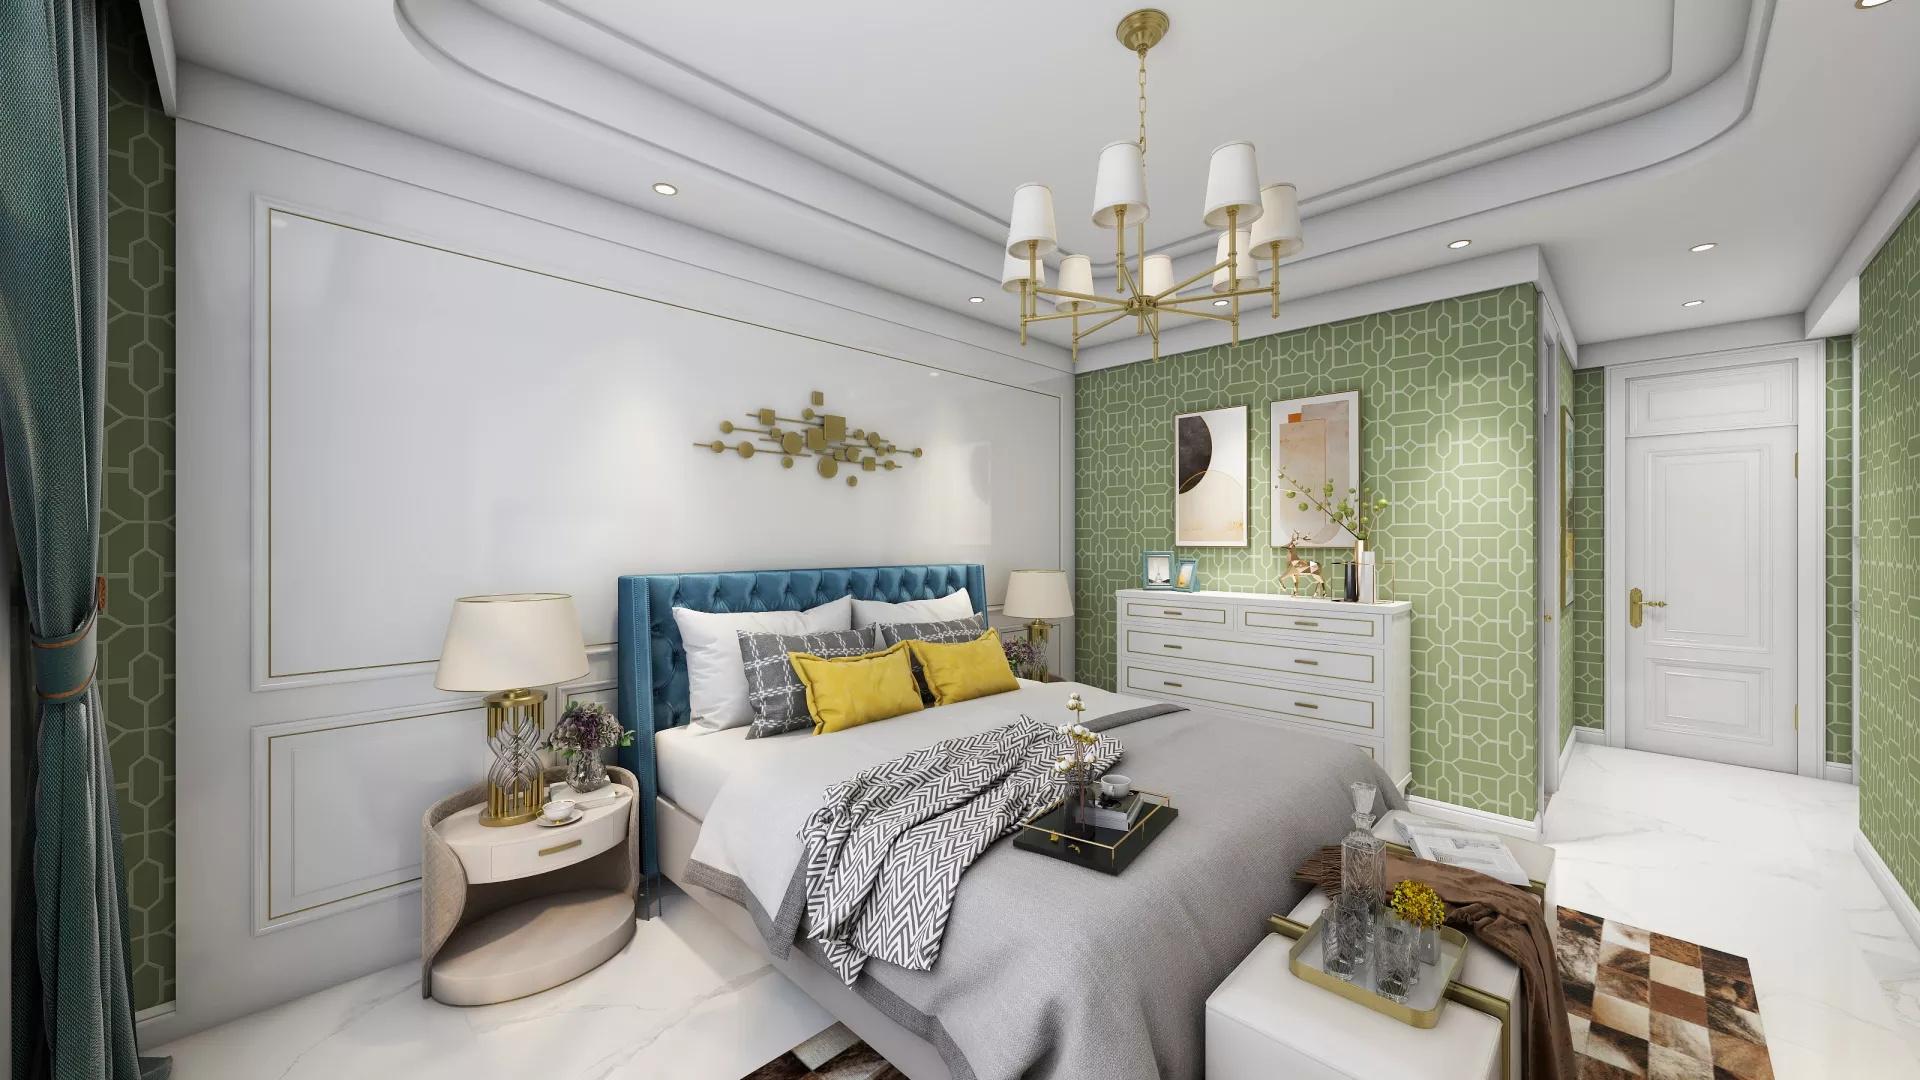 美式别墅客厅装修设计要注意什么 美式别墅客厅装修设计风格和注意事项